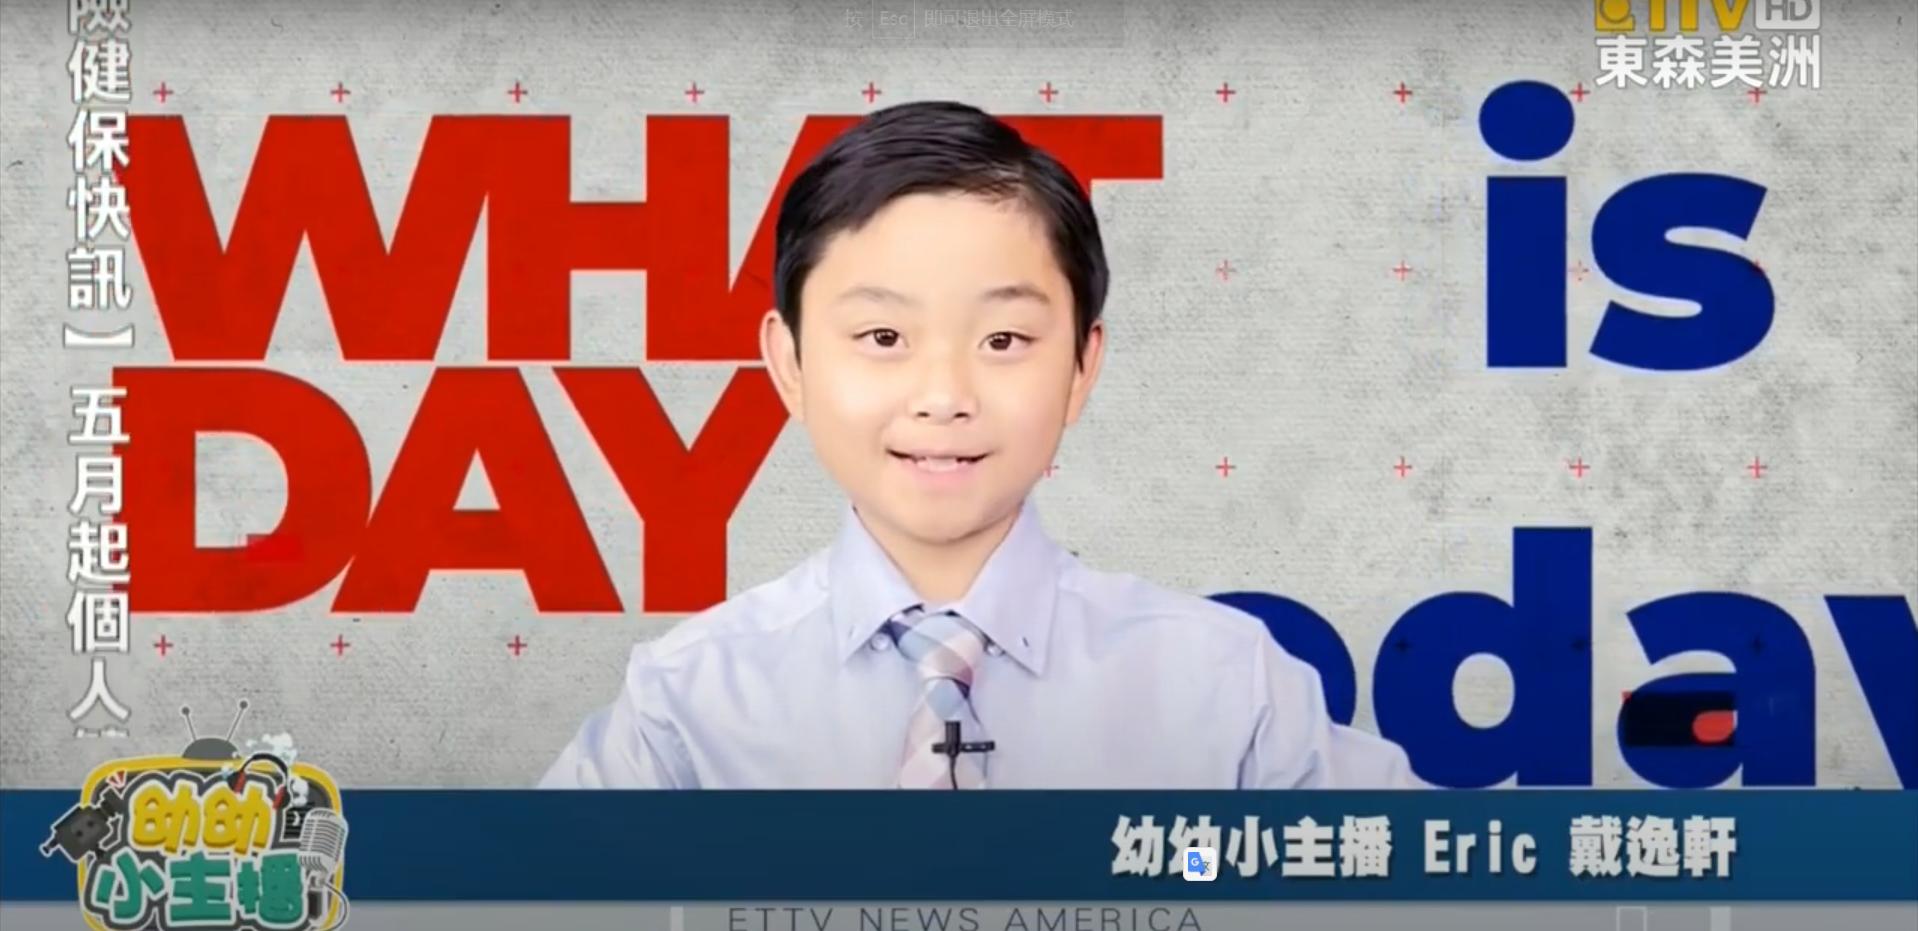 小主播Eric:5月2日「國家兄妹姐弟日」姐弟vs兄妹個性大不同